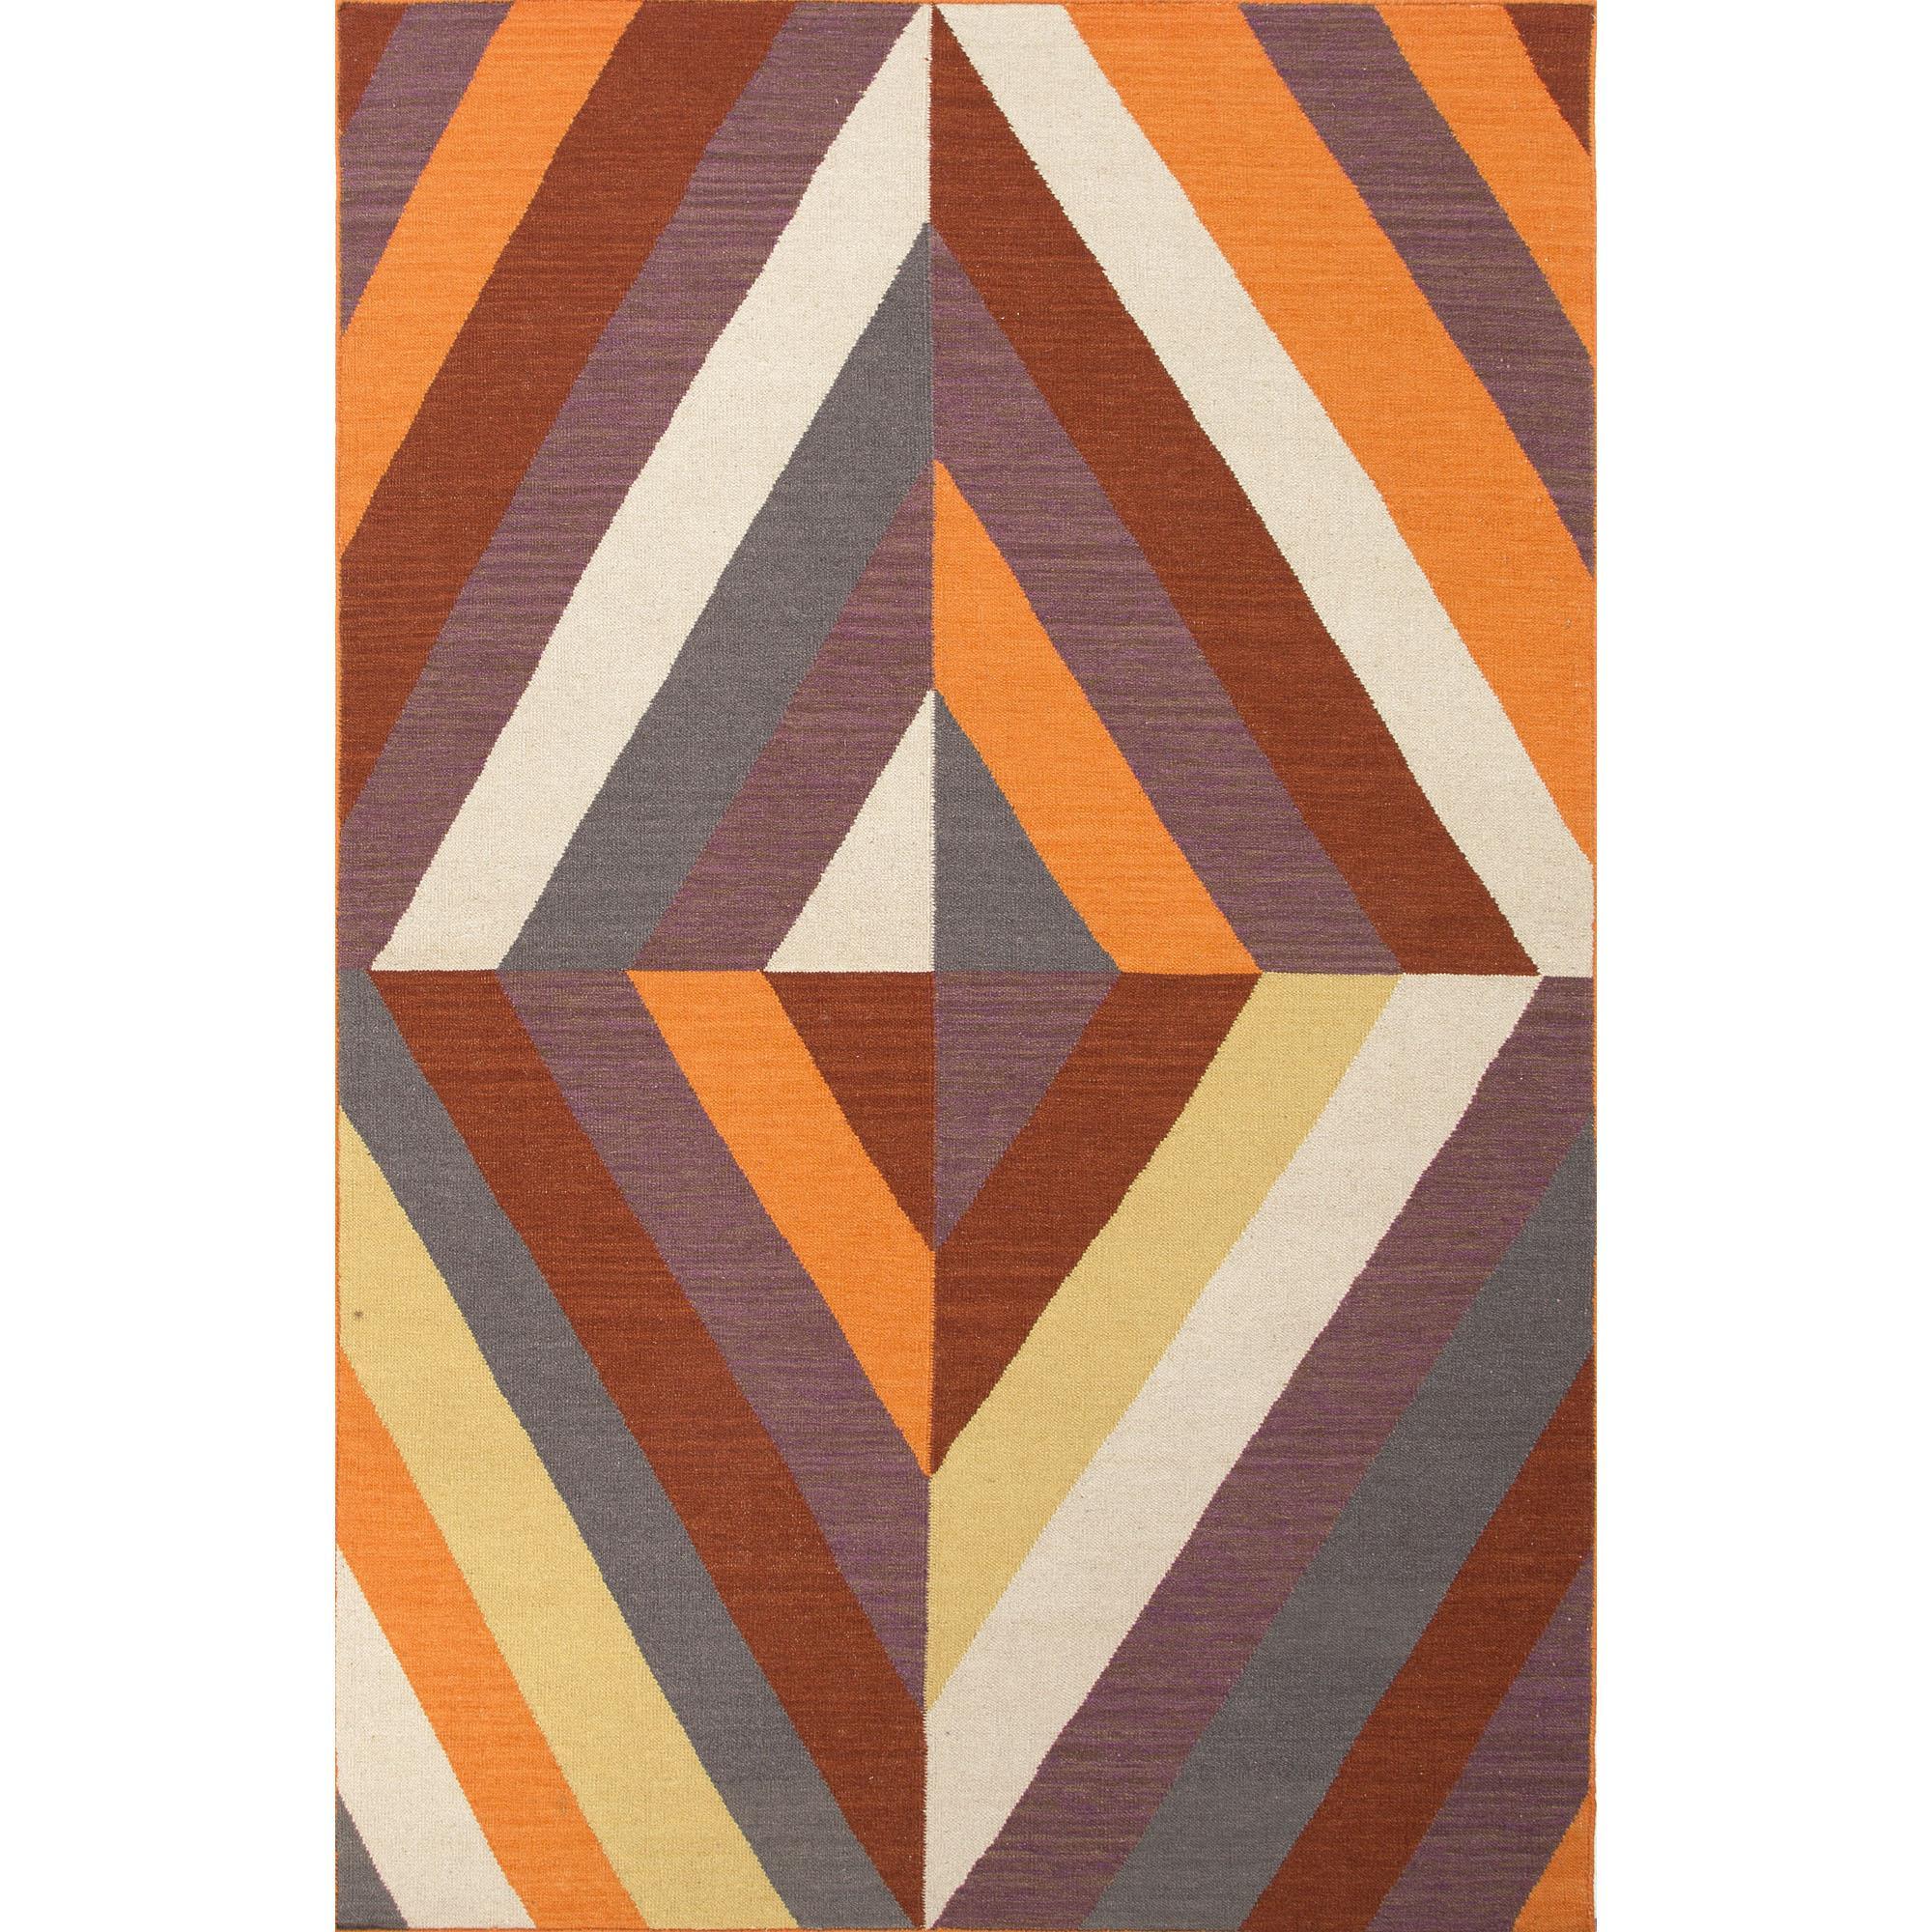 JAIPUR Rugs En Casa By Luli Sanchez Flat-weave 2 x 3 Rug - Item Number: RUG117121